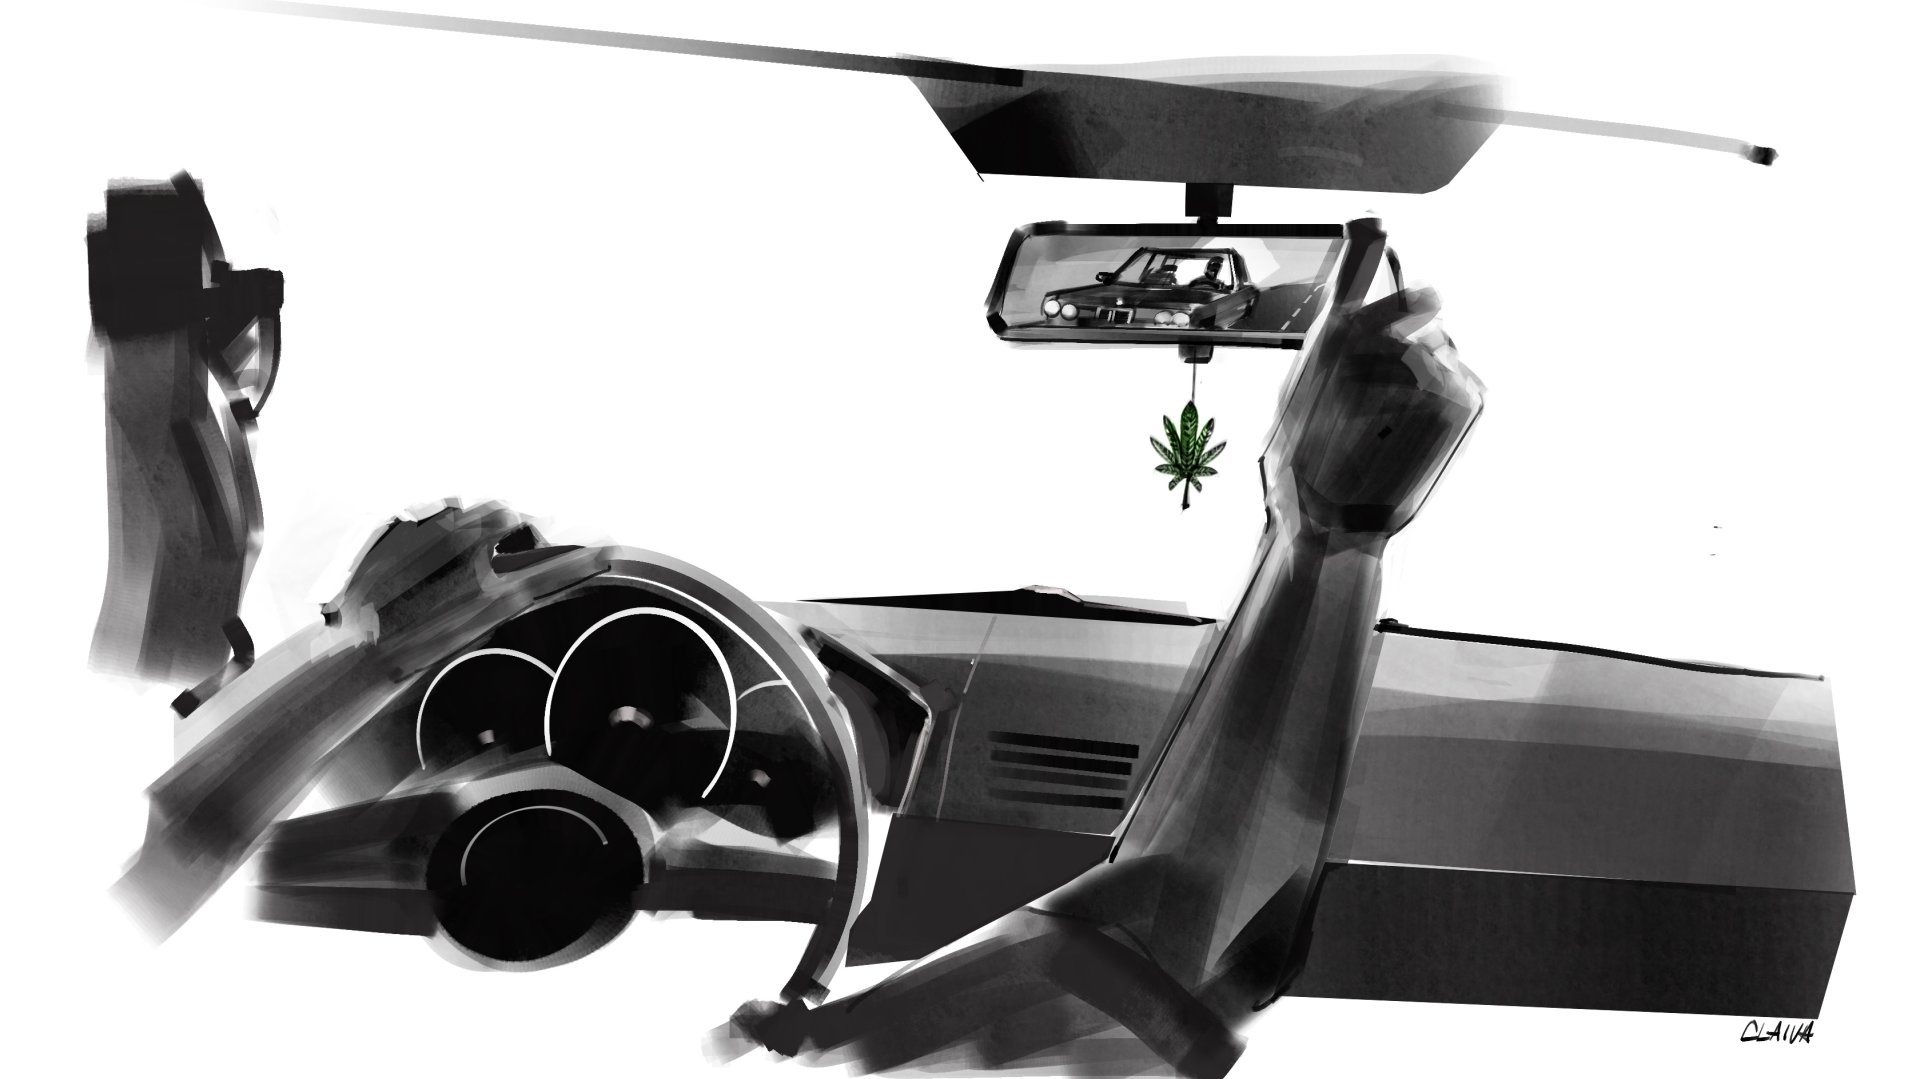 Le condamné conduisait le véhicule ouvreur qui précédait la voiture chargée de drogue, histoire d'avertir ses complices de la présence d'un éventuel contrôle routier.